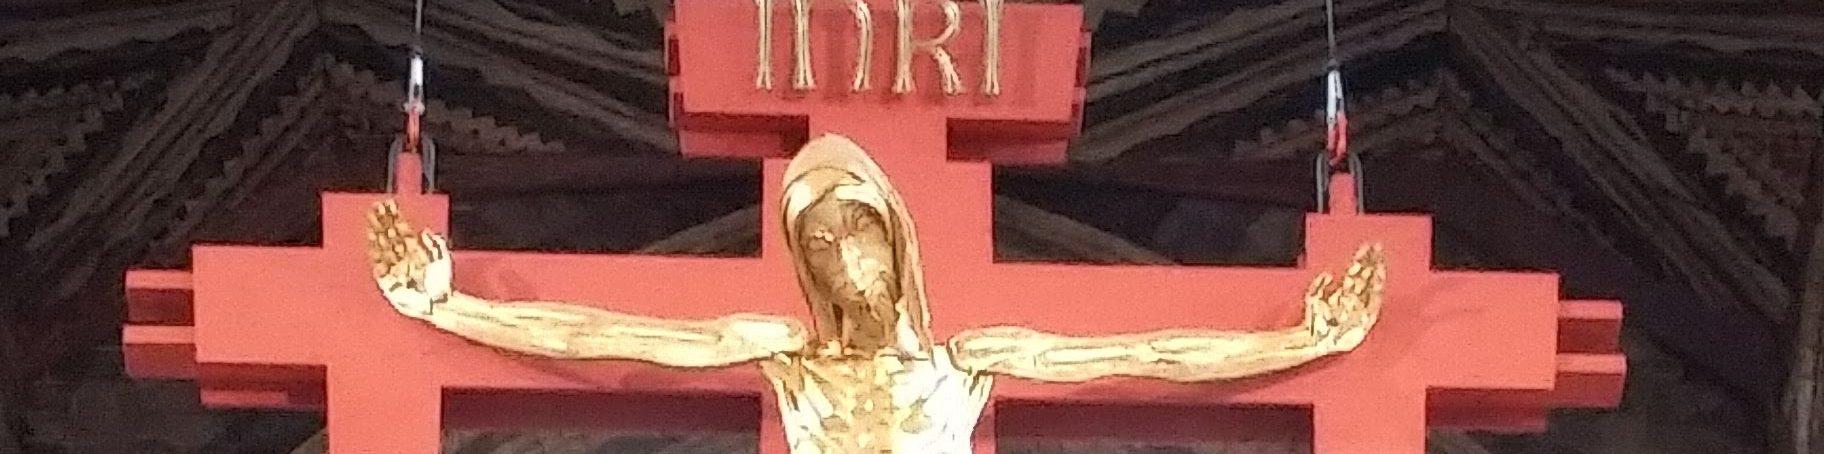 Gralefrit Theology